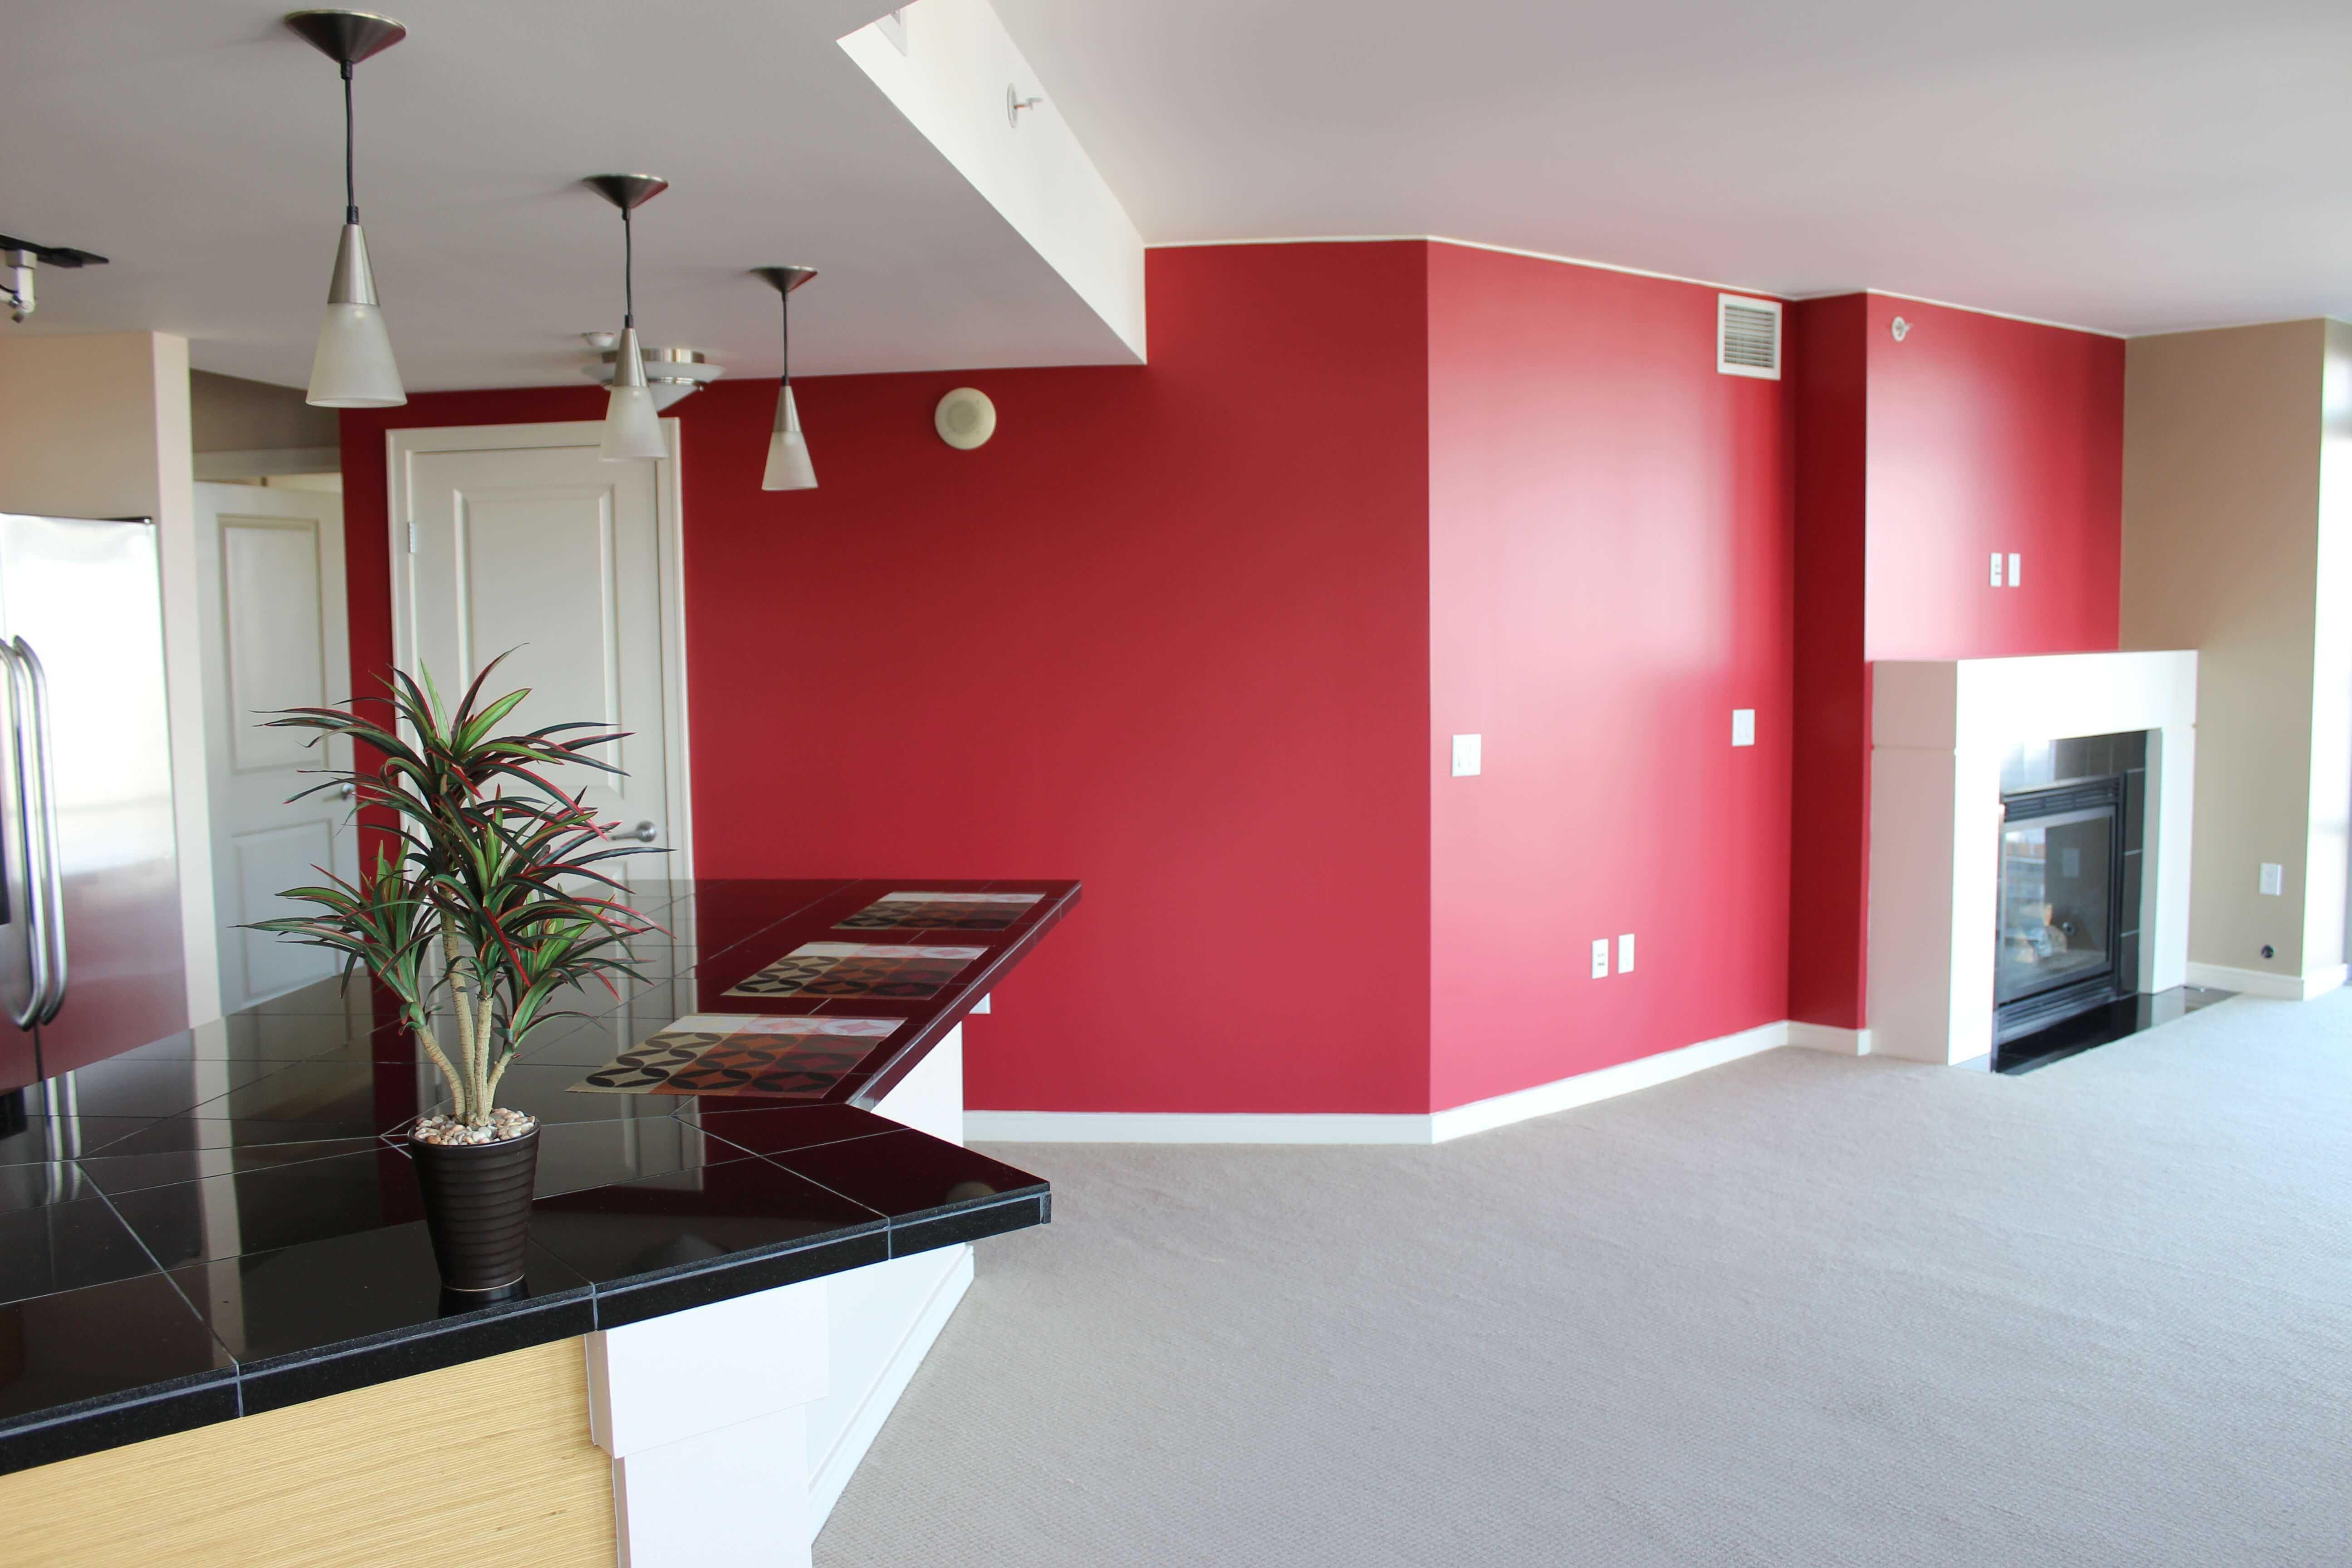 18 Diseno de interiores de casas pintura